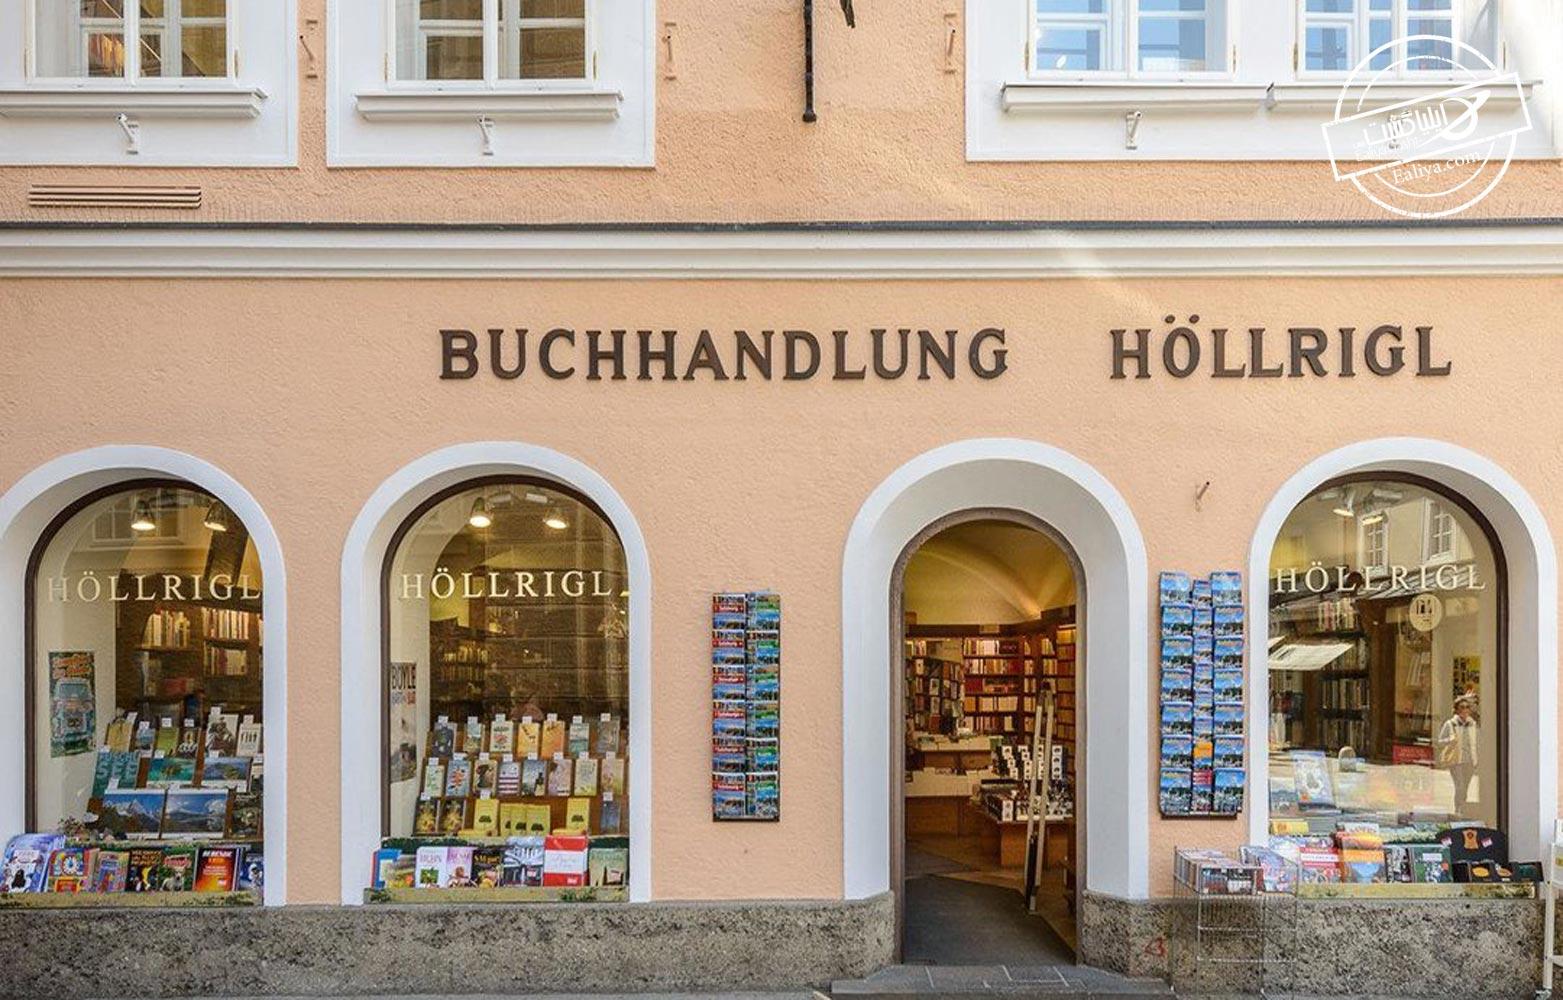 کتابفروشی هولریگل